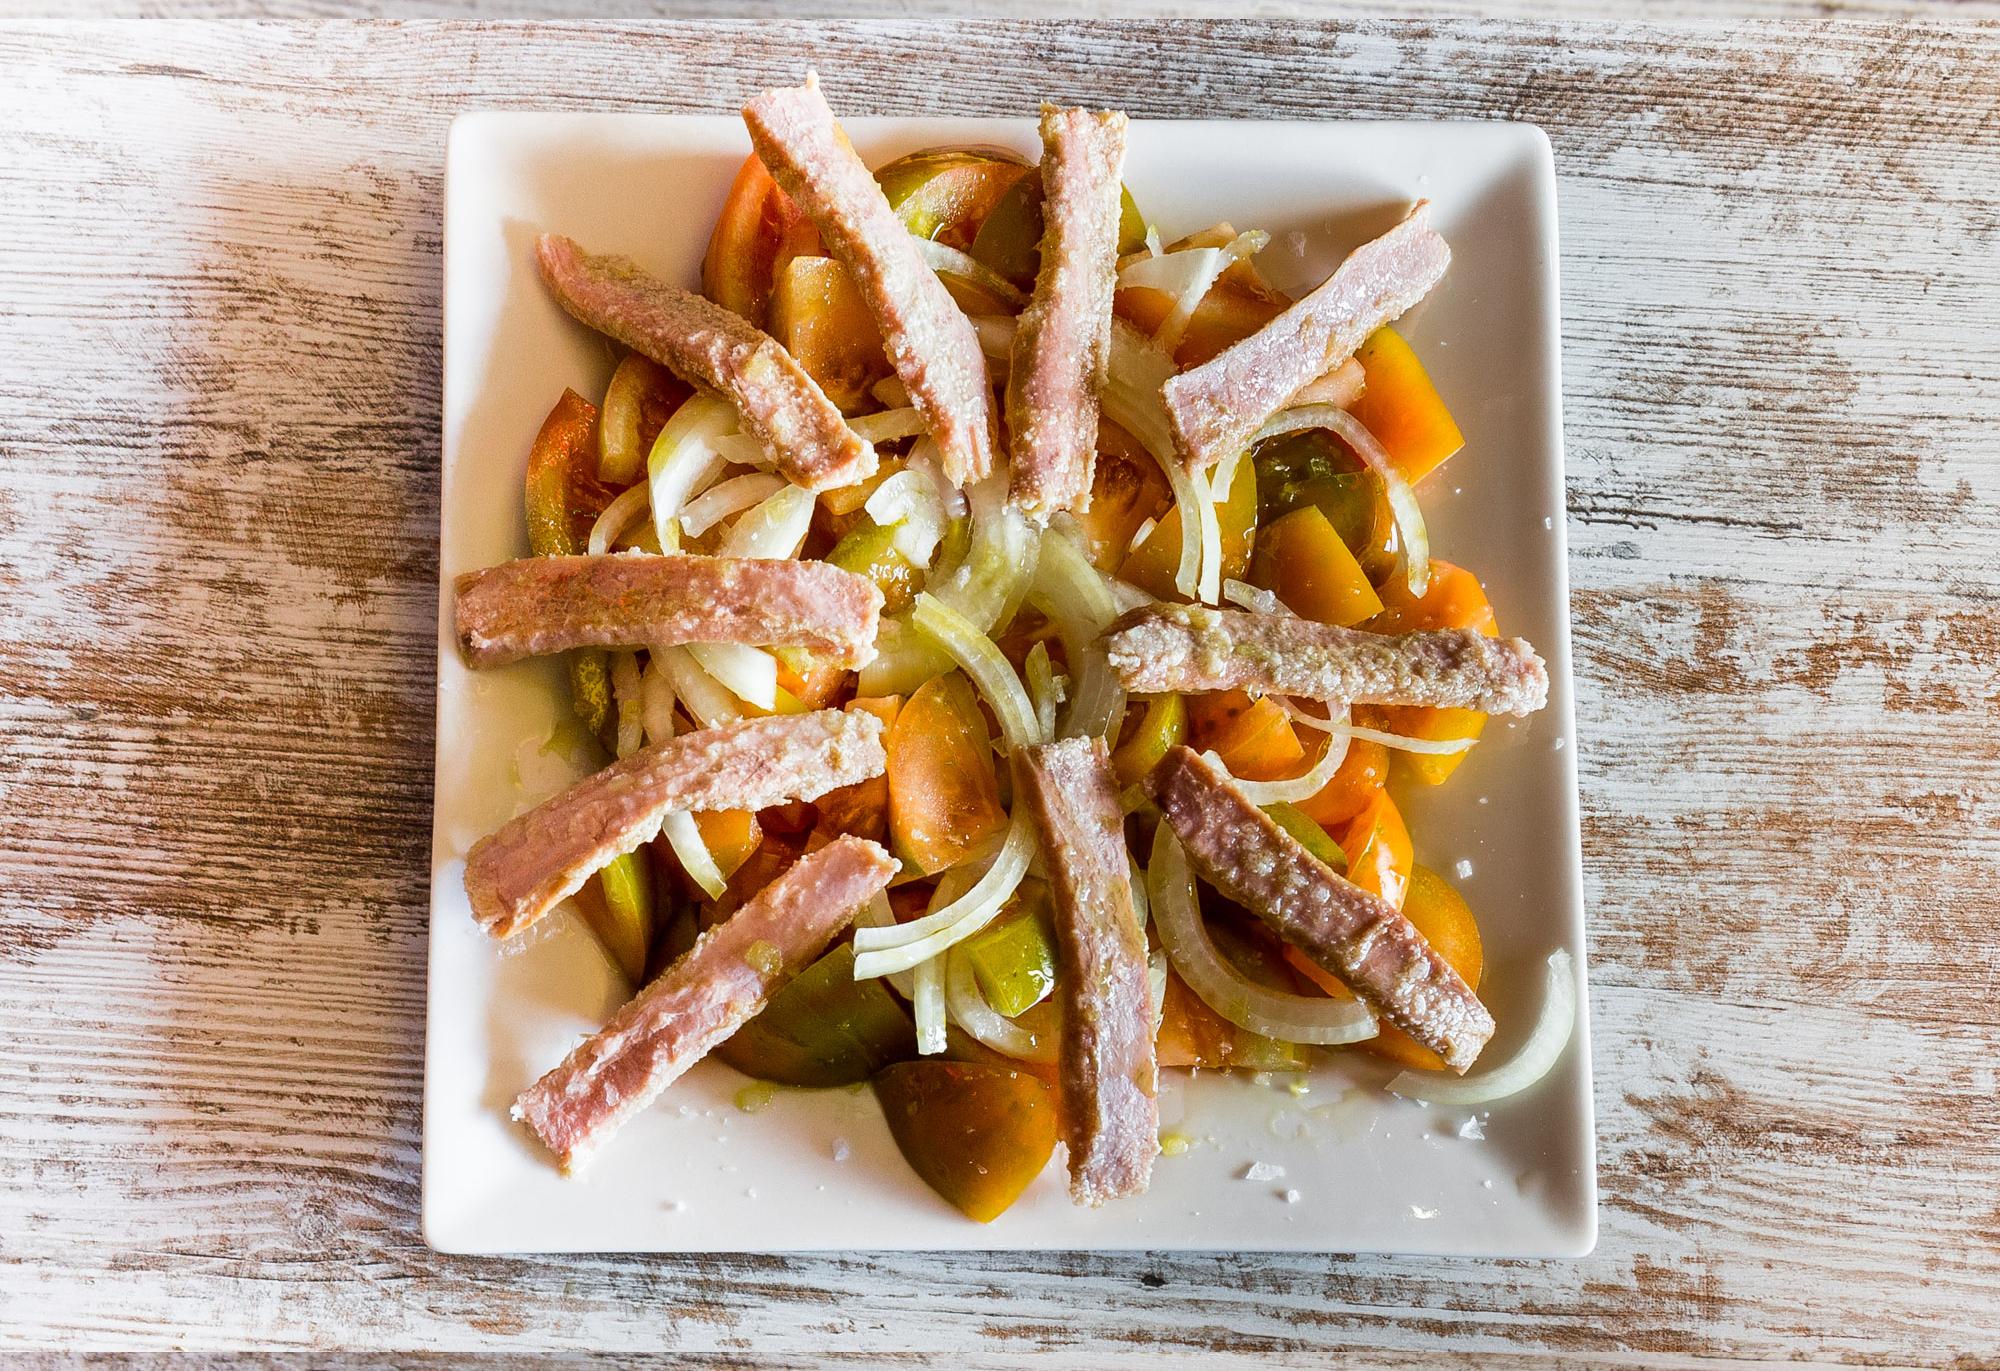 </p> <p><center>Ventresca de atún con tomate cebolla y vinagreta</center>